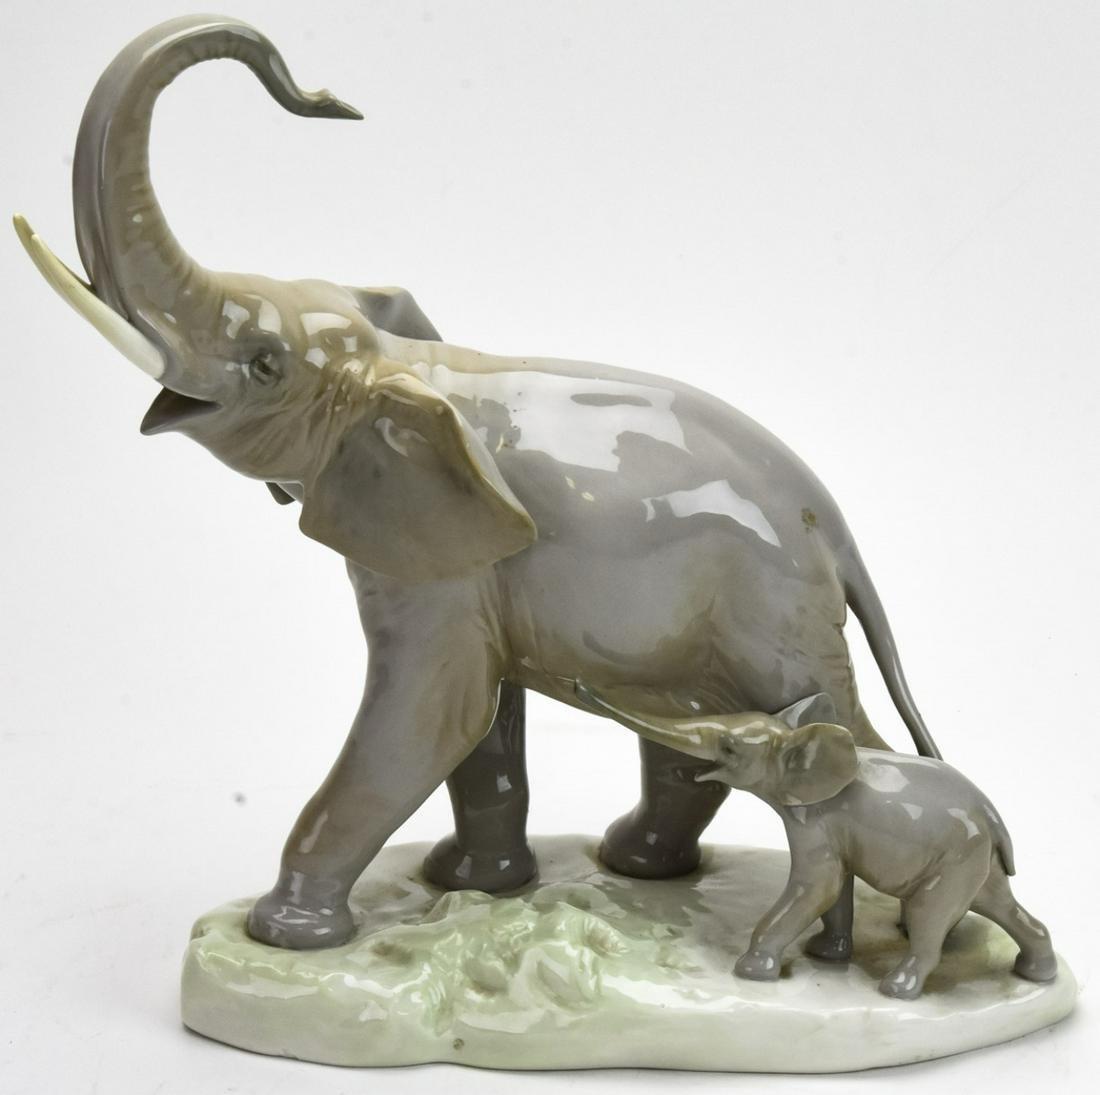 LLadro Large Scale Porcelain Elephant + Baby